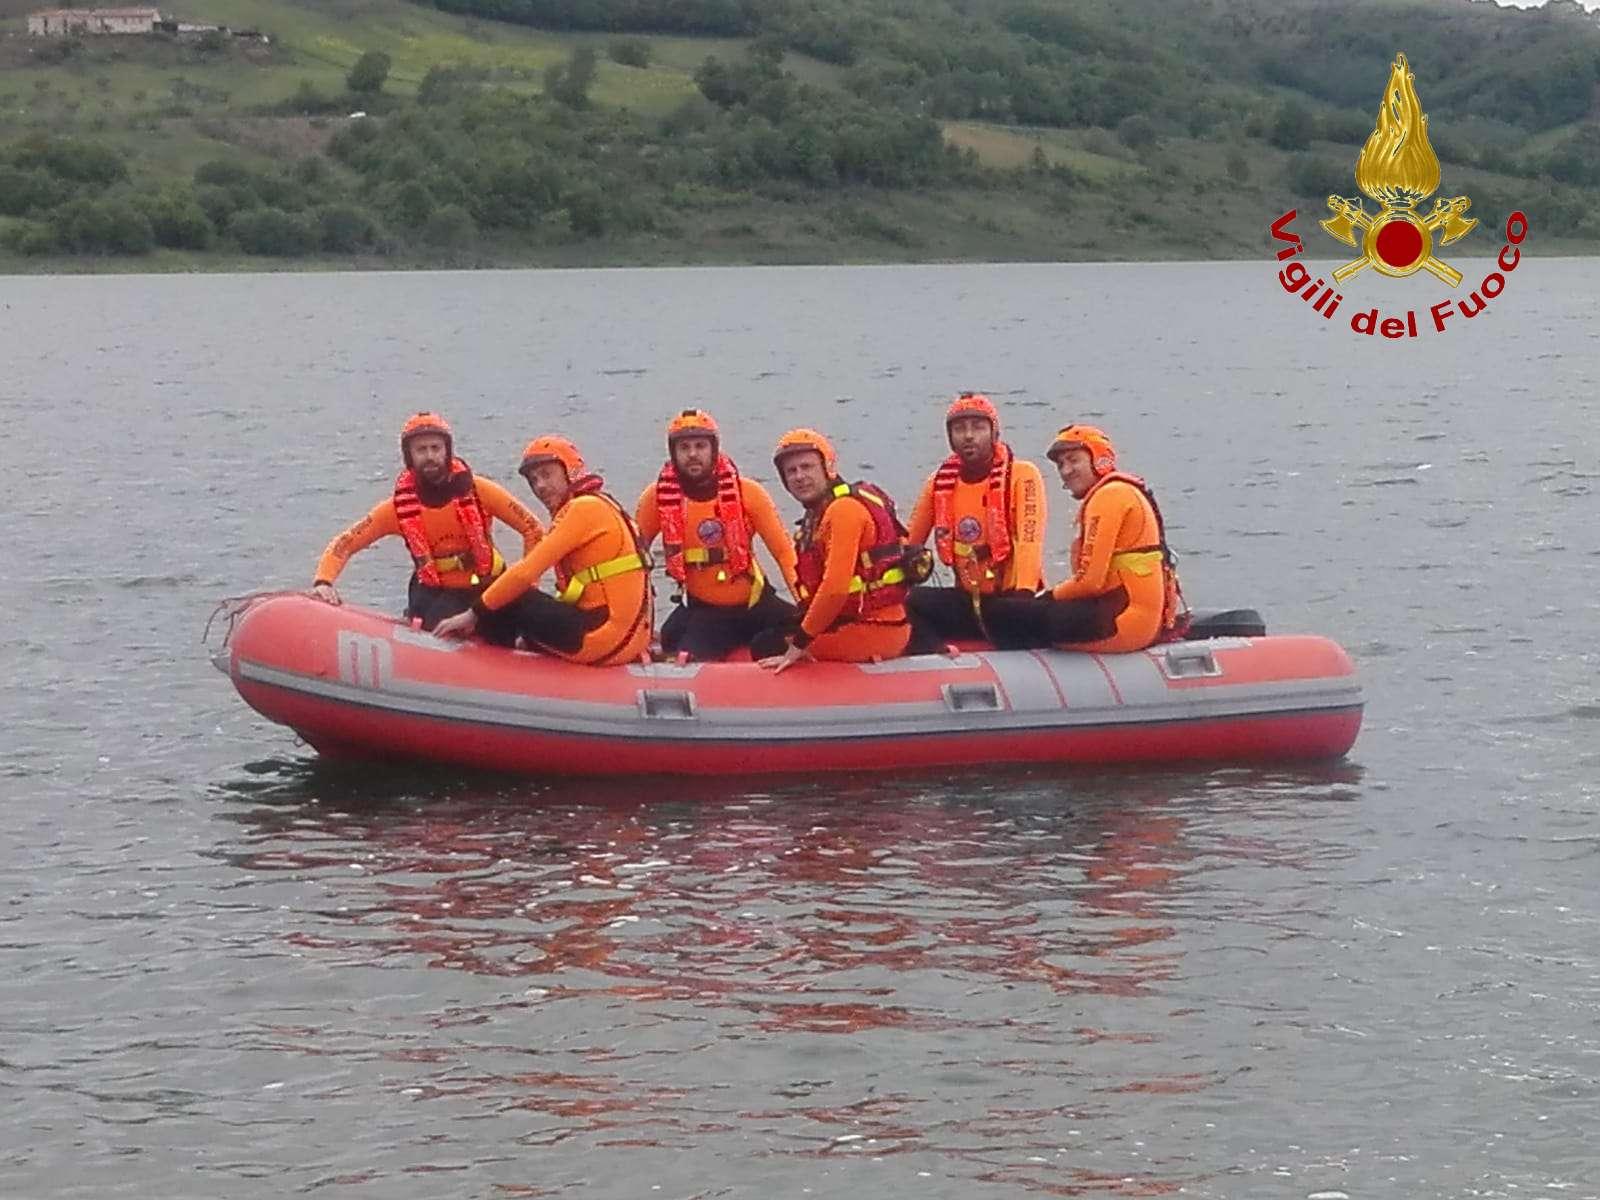 Esercitazione dei vigili del fuoco presso la diga di Campolattaro